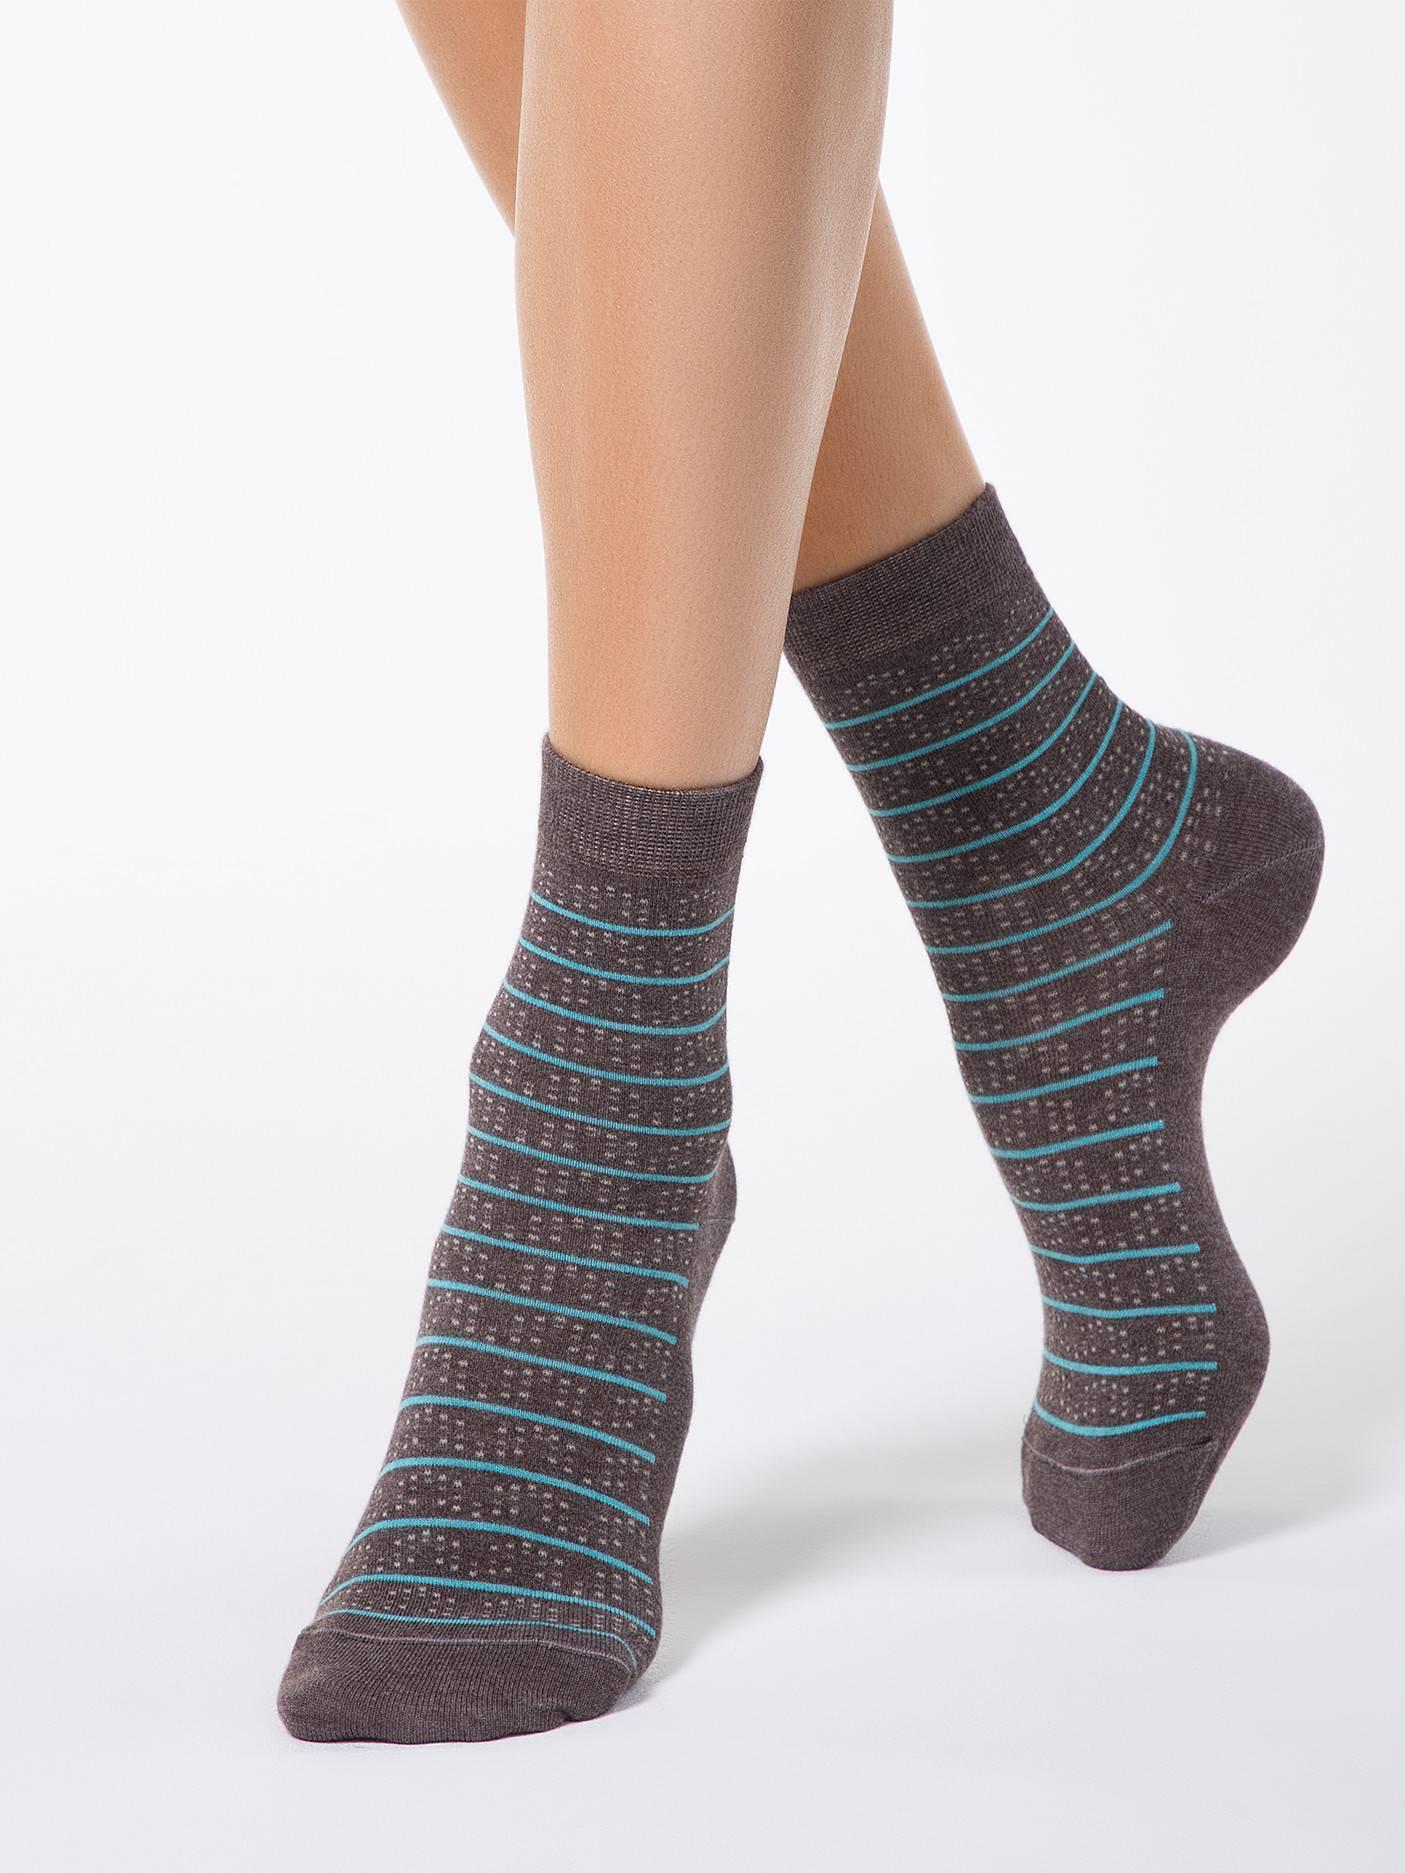 Носки вискозные женские ⭐️ Носки с кашемиром COMFORT ⭐️